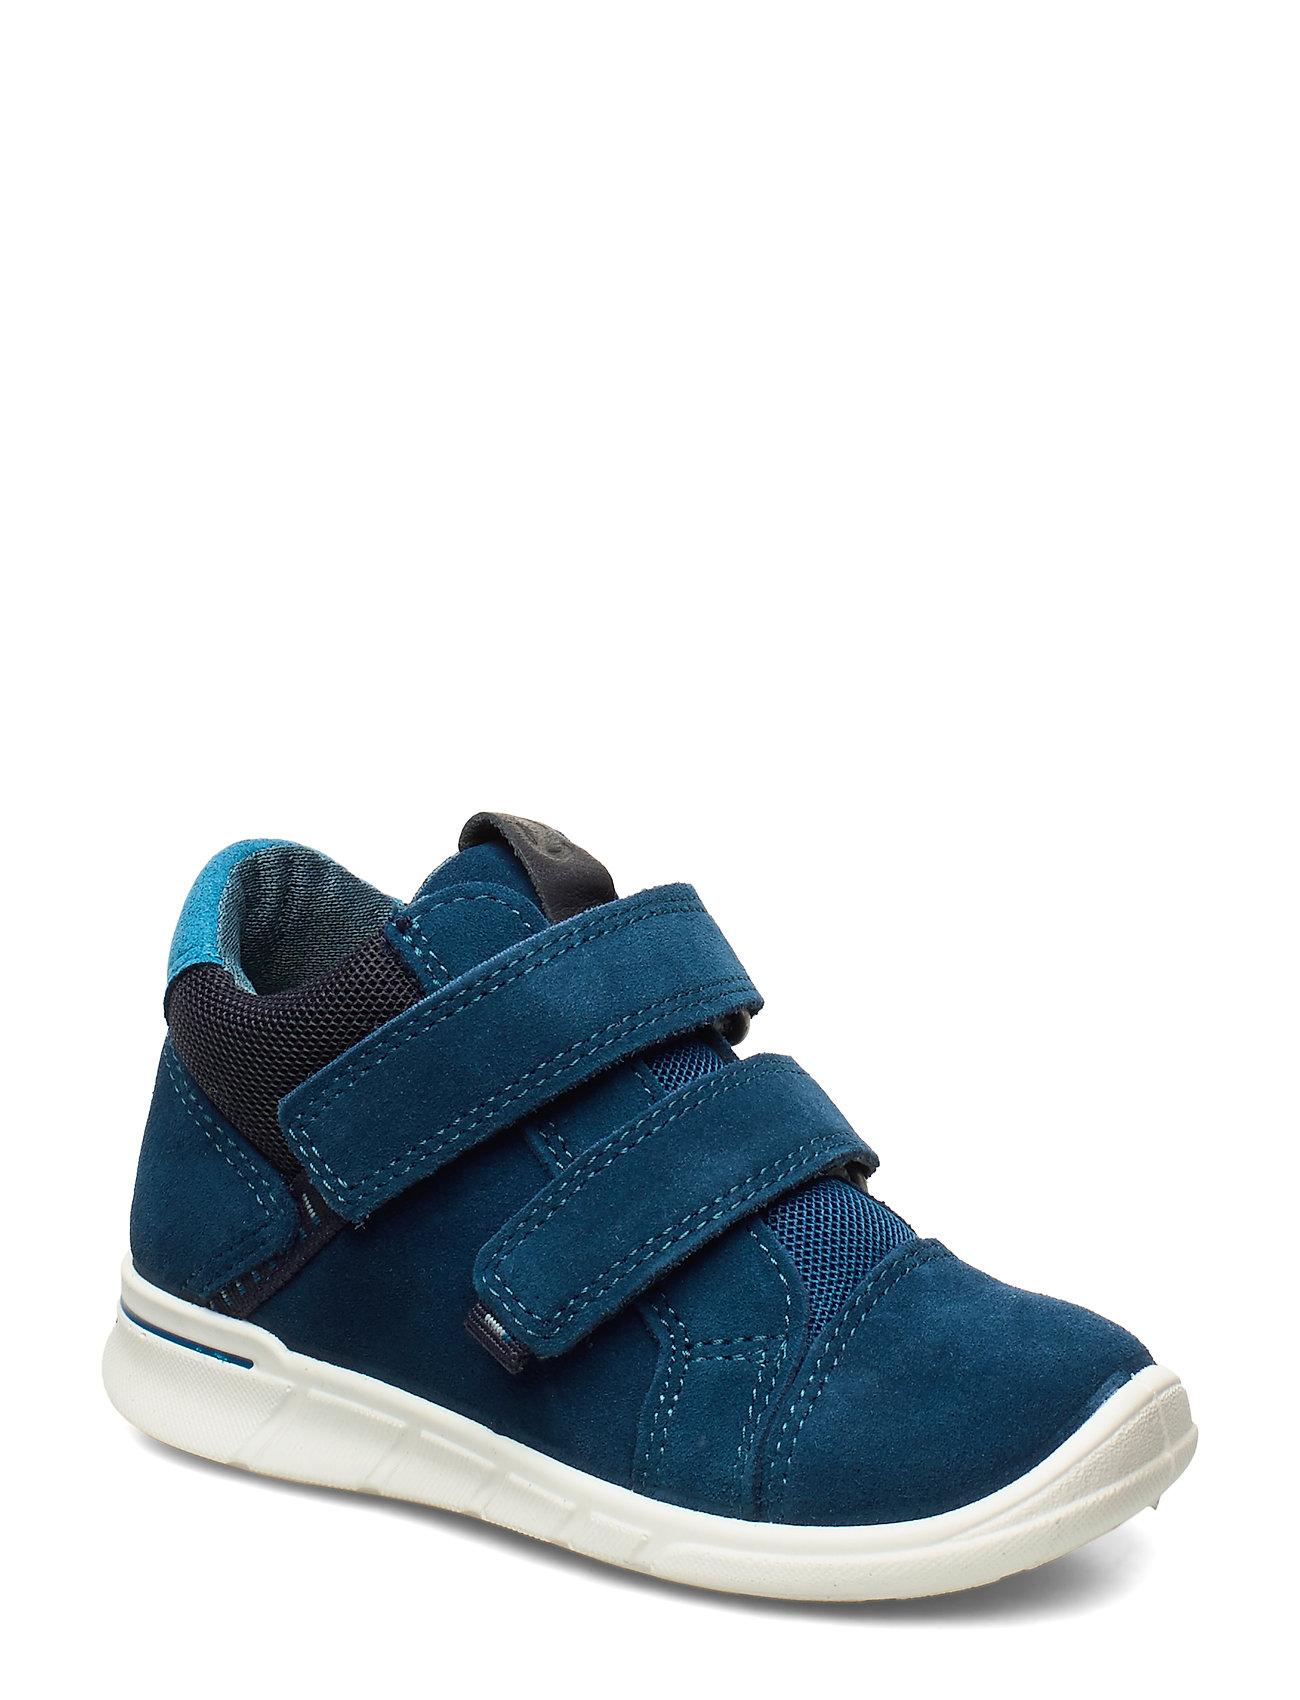 Image of First Sneakers Sko Blå ECCO (3293915279)